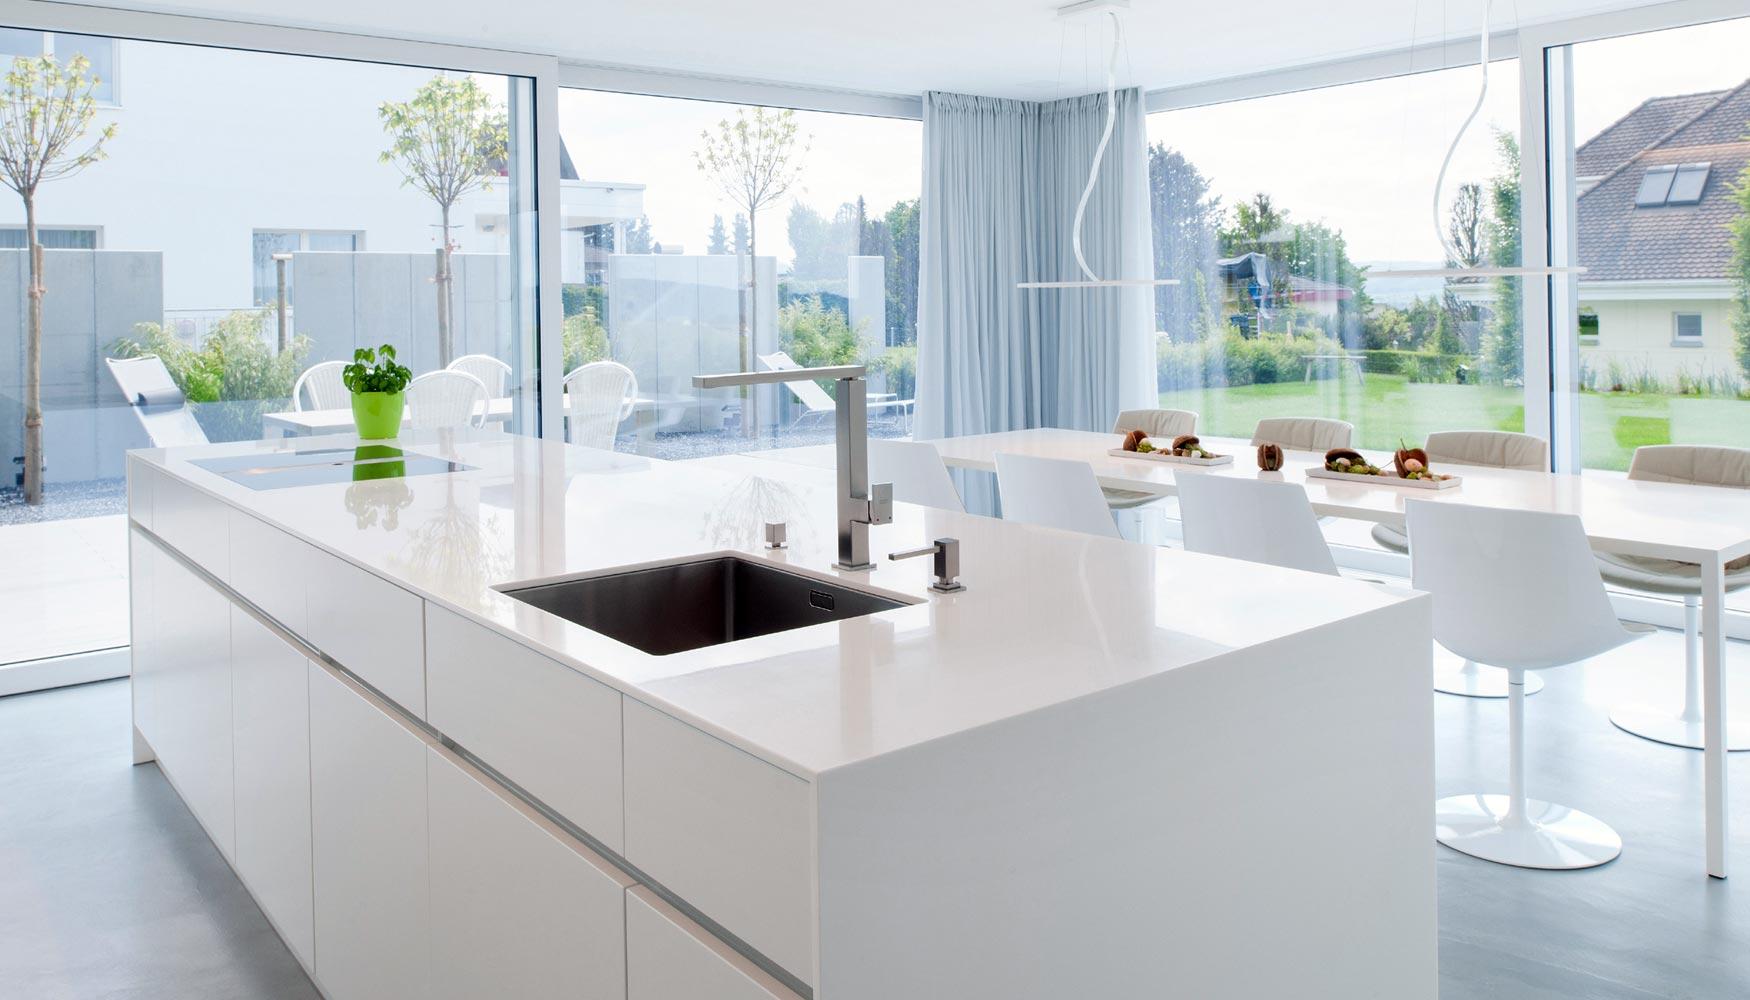 Gabarr Ofrece Un Servicio Completo A Arquitectos Y Dise Adores  # Muebles Hi Macs